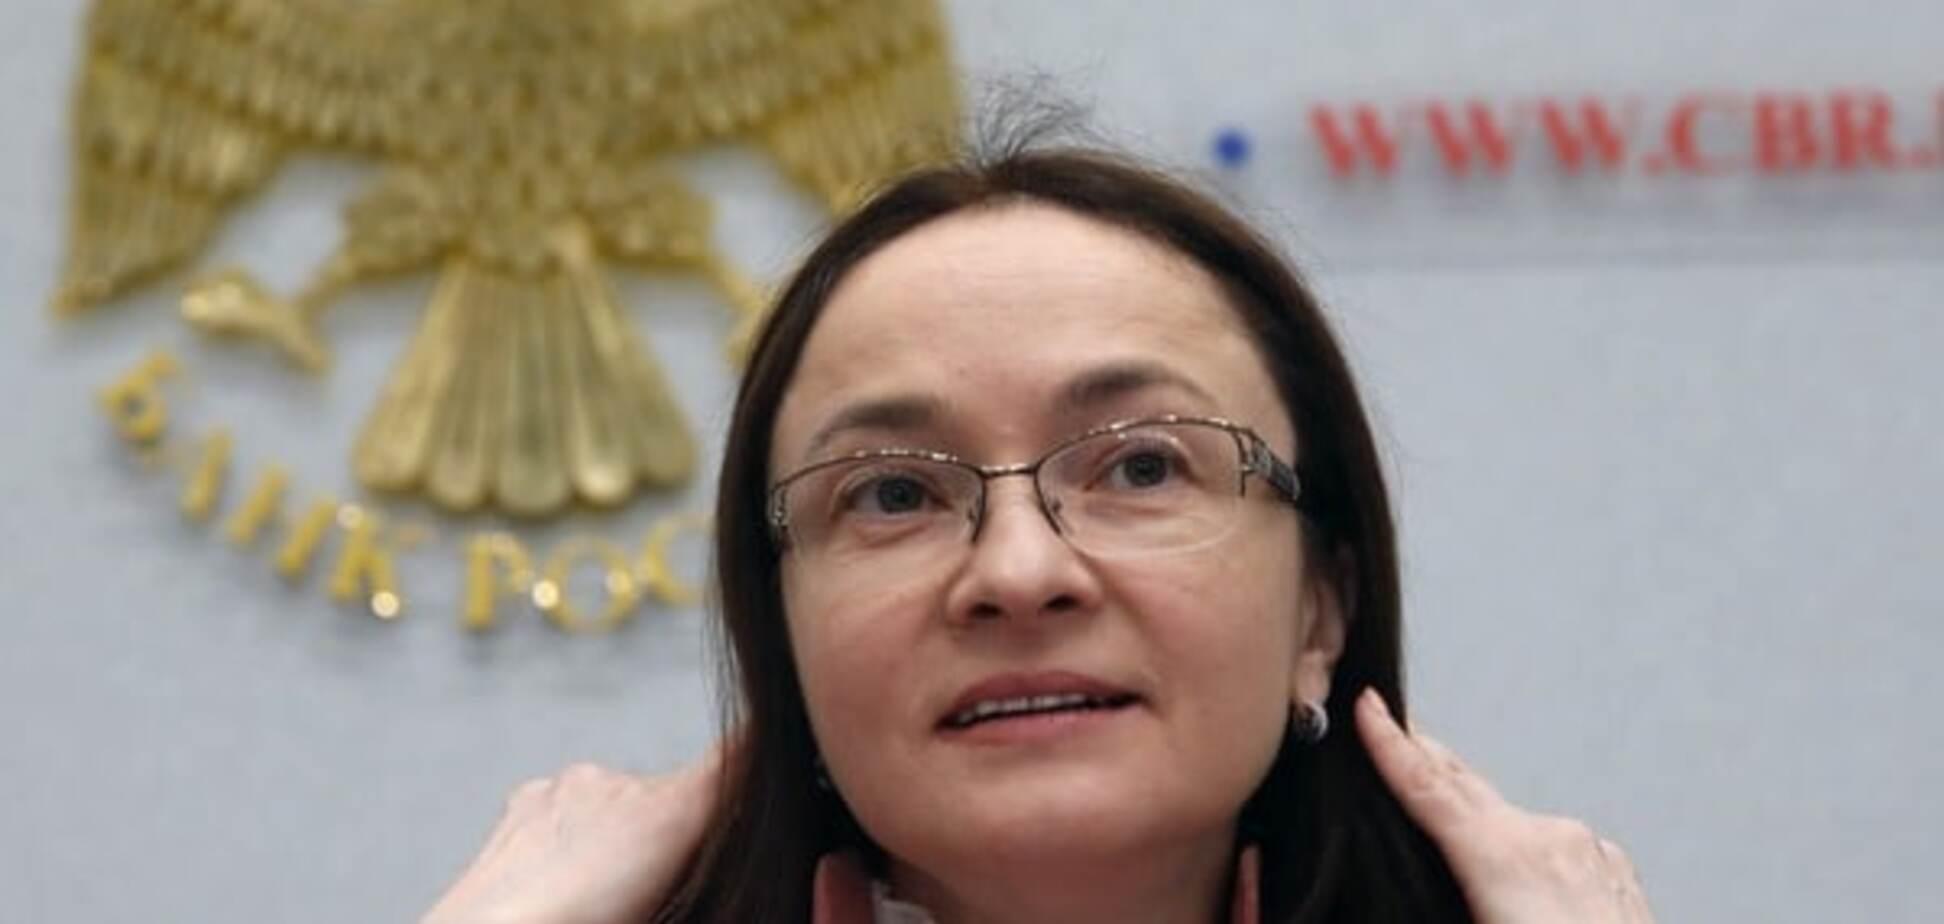 Банк России испугался инфляции и решил надолго заморозить ставку